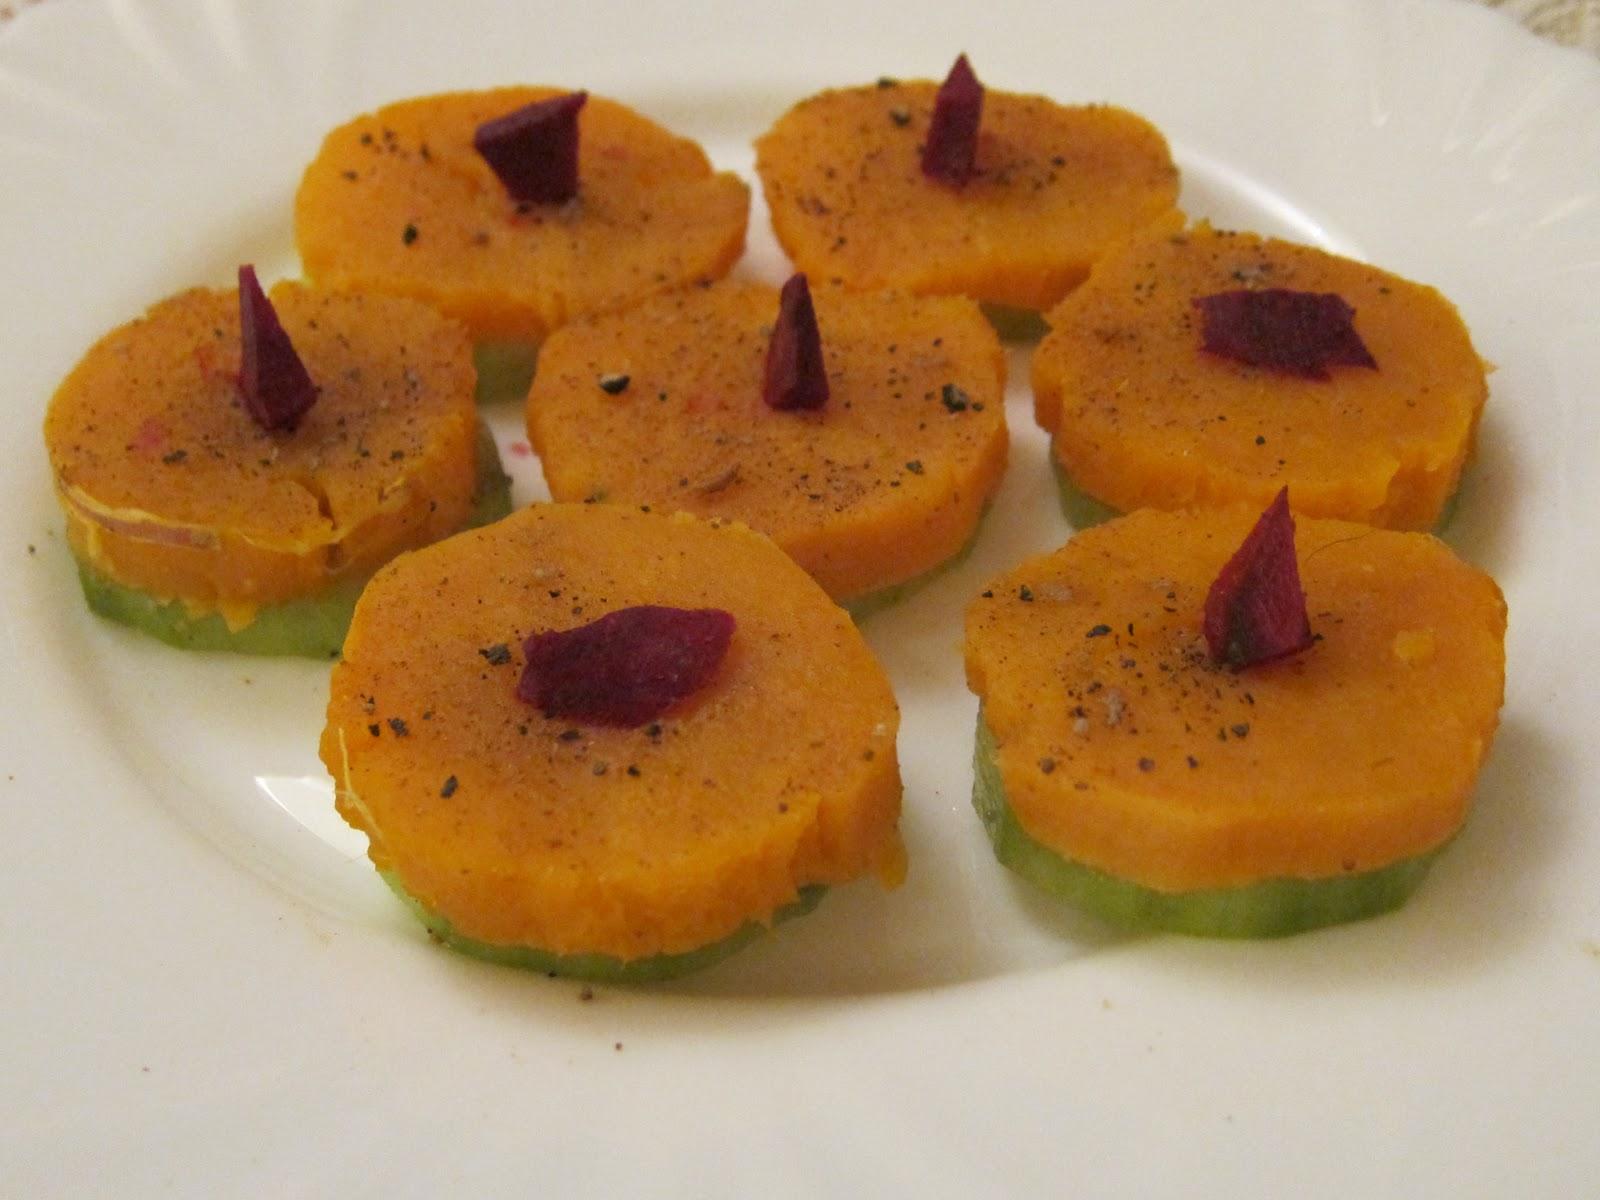 Canap s light de concombre patate douce l 39 indienne art - Cuisiner de la patate douce ...